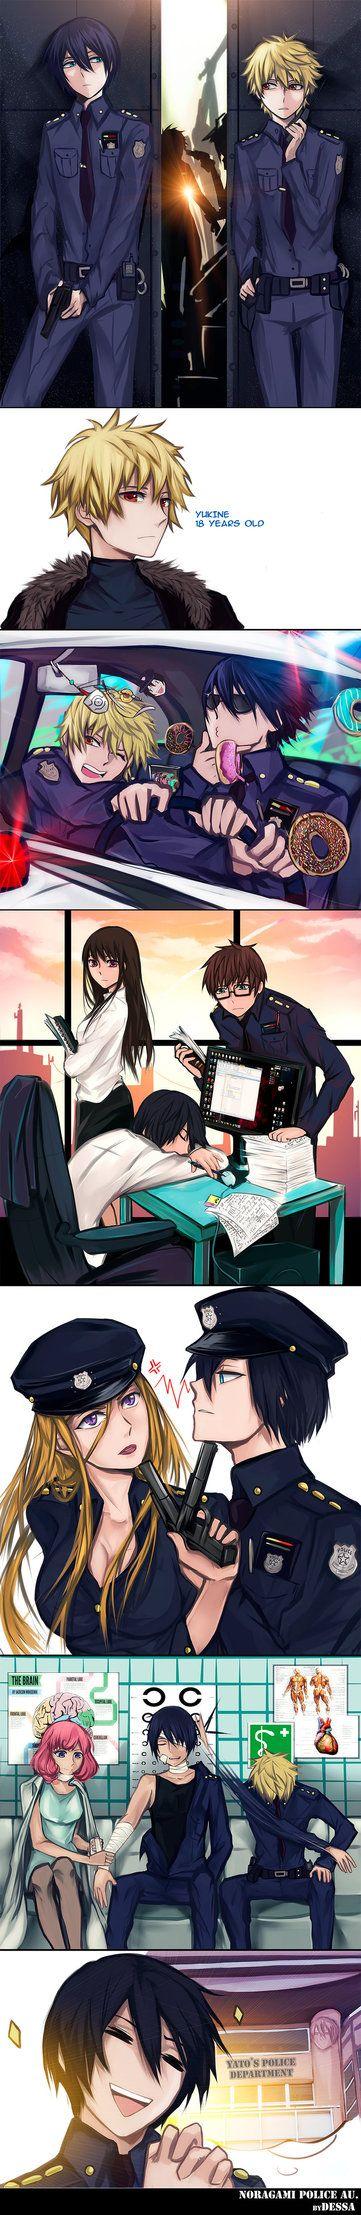 Noragami: Police AU by Dessa-nya